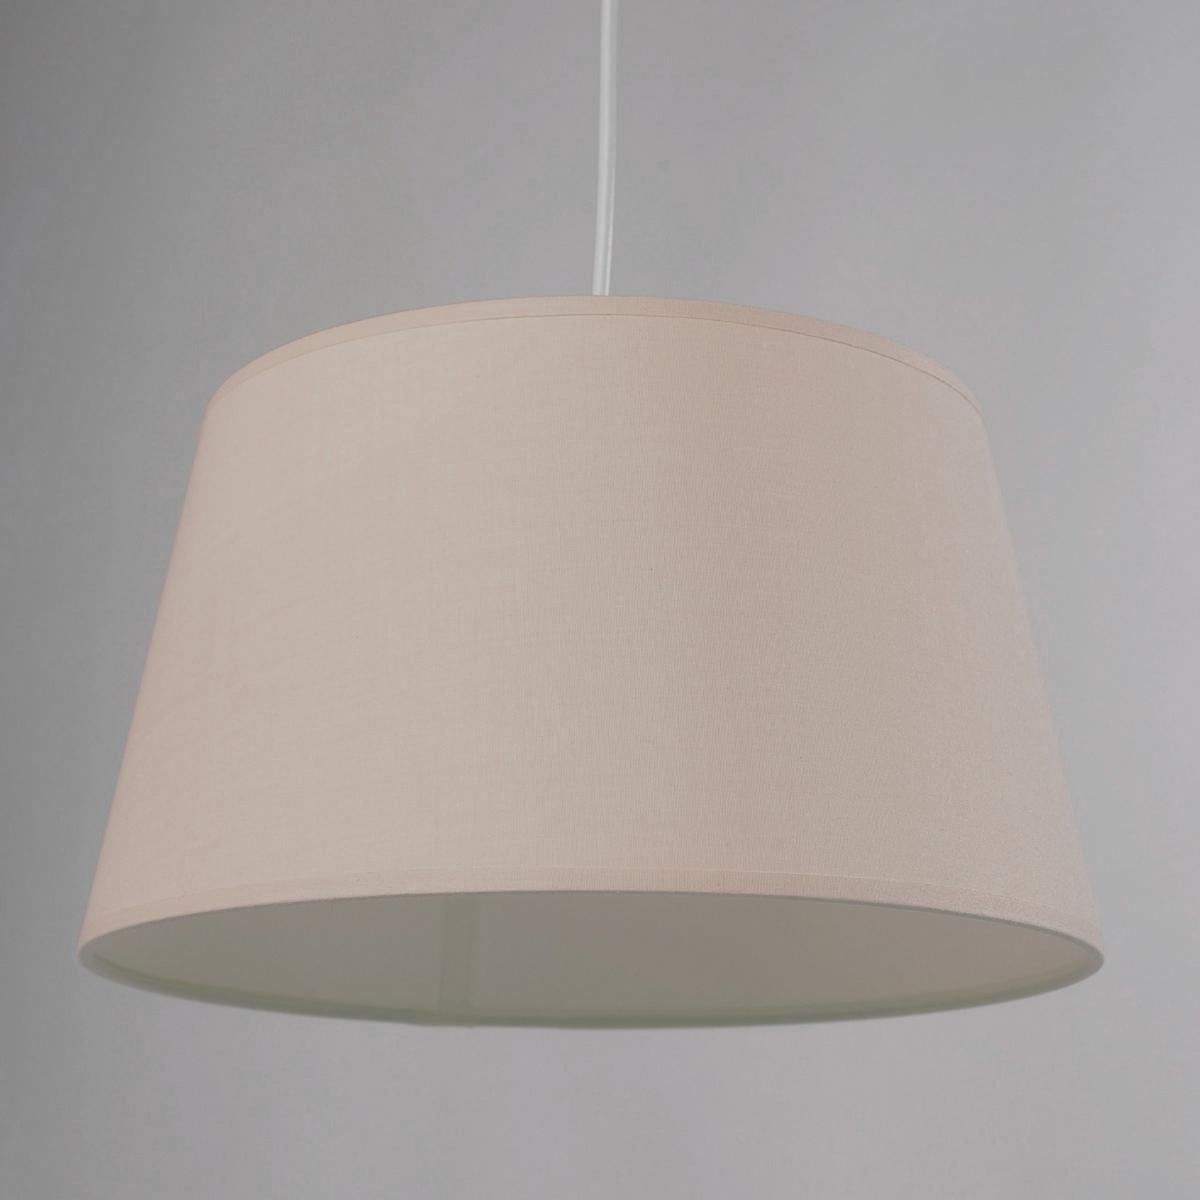 Светильник 100% хлопок, FalkeОписание светильника Falke   :Электрифицированный  Шнур питания входит в комплект (длина 55 см)  Патрон E27, лампочка макс. 60W (не входит в комплект)   Этот светильник совместим с лампочками энергетического класса : A-B-C-D-E Характеристики светильника Falke   :100% хлопок Всю коллекцию светильников вы можете найти на сайте laredoute.ru.   Размеры светильника Falke  :Размер 2  : Диаметр низа : 45 смДиаметр верха : 35 смВысота : 26 см<br><br>Цвет: серо-бежевый,серо-коричневый